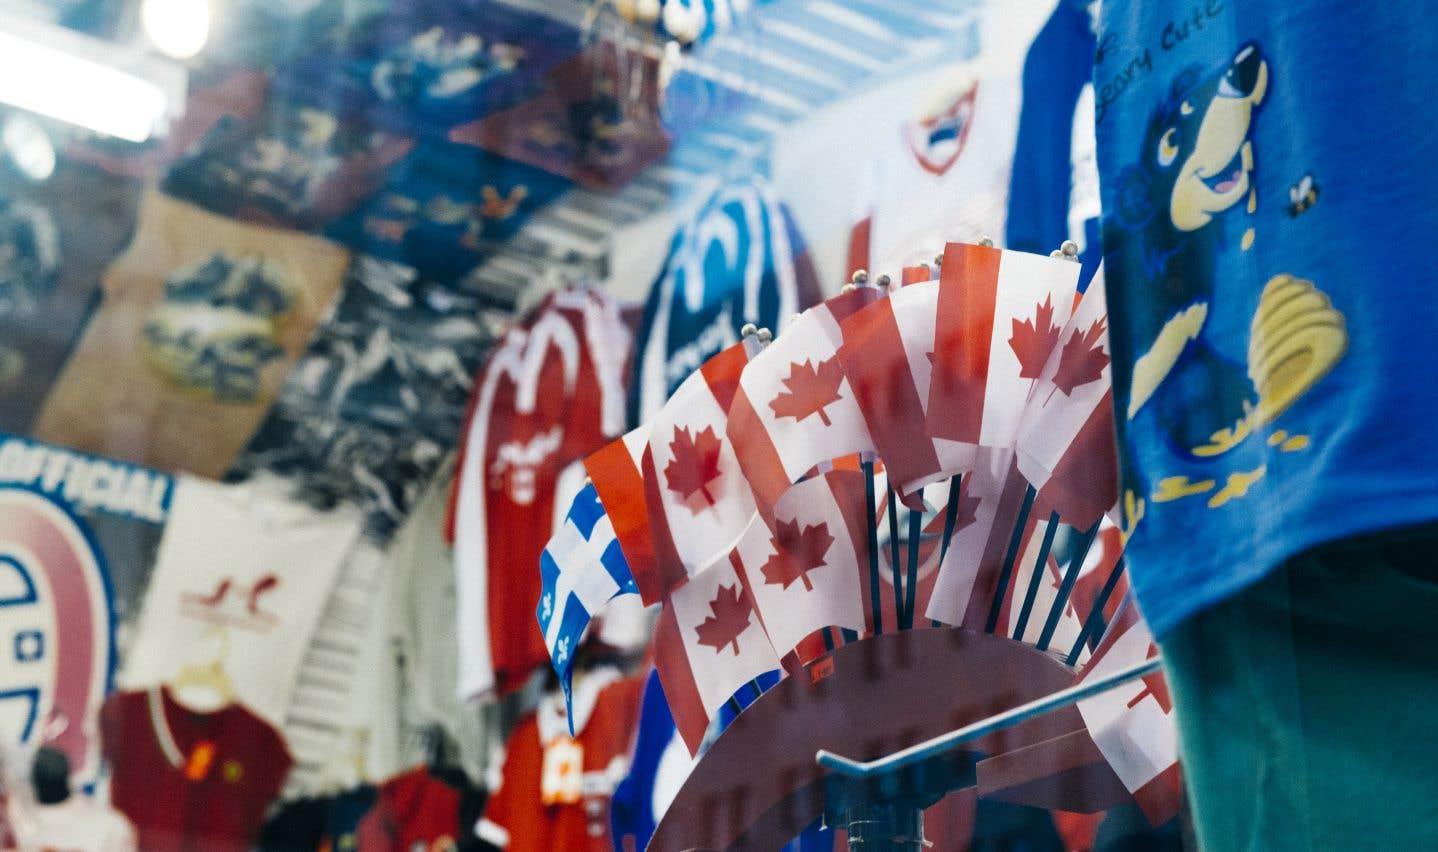 La relation Québec-Canada ne se résume pas qu'à celle de deux solitudes. De nombreuses solidarités nous unissent, montrant qu'un rapprochement est non seulement possible, mais avantageux pour tous, estime le ministre responsable des Relations canadiennes, Jean-Marc Fournier.